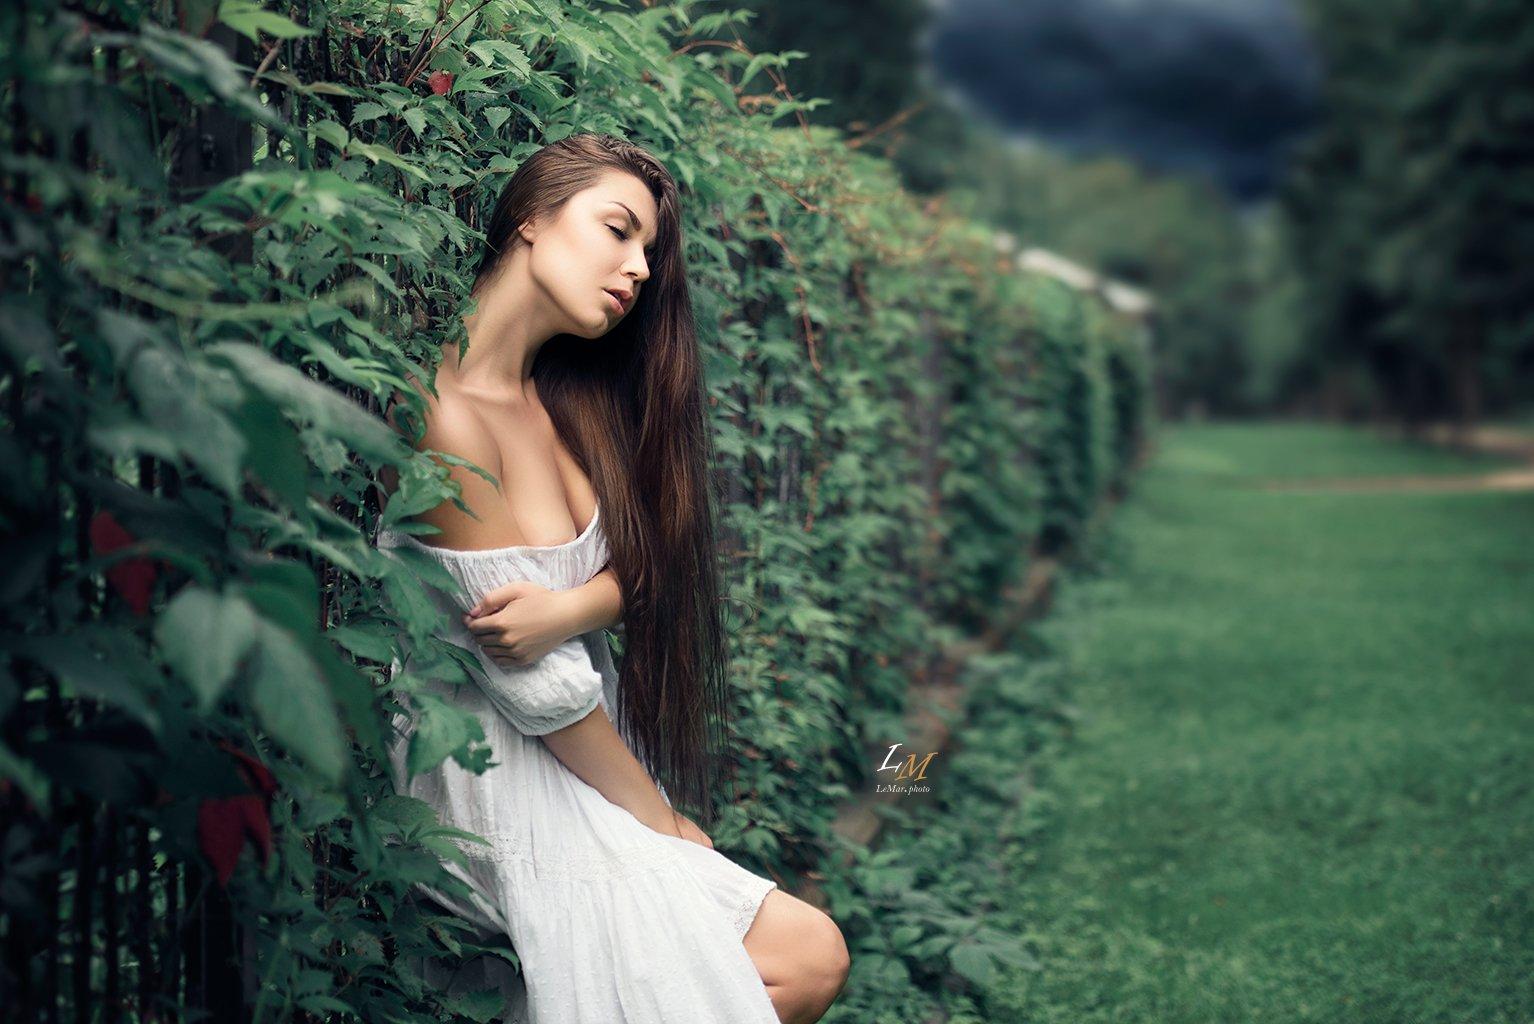 пленэр, лето, девушка, в белом, парк, москва, фотограф, арт, Маркачев Леонид